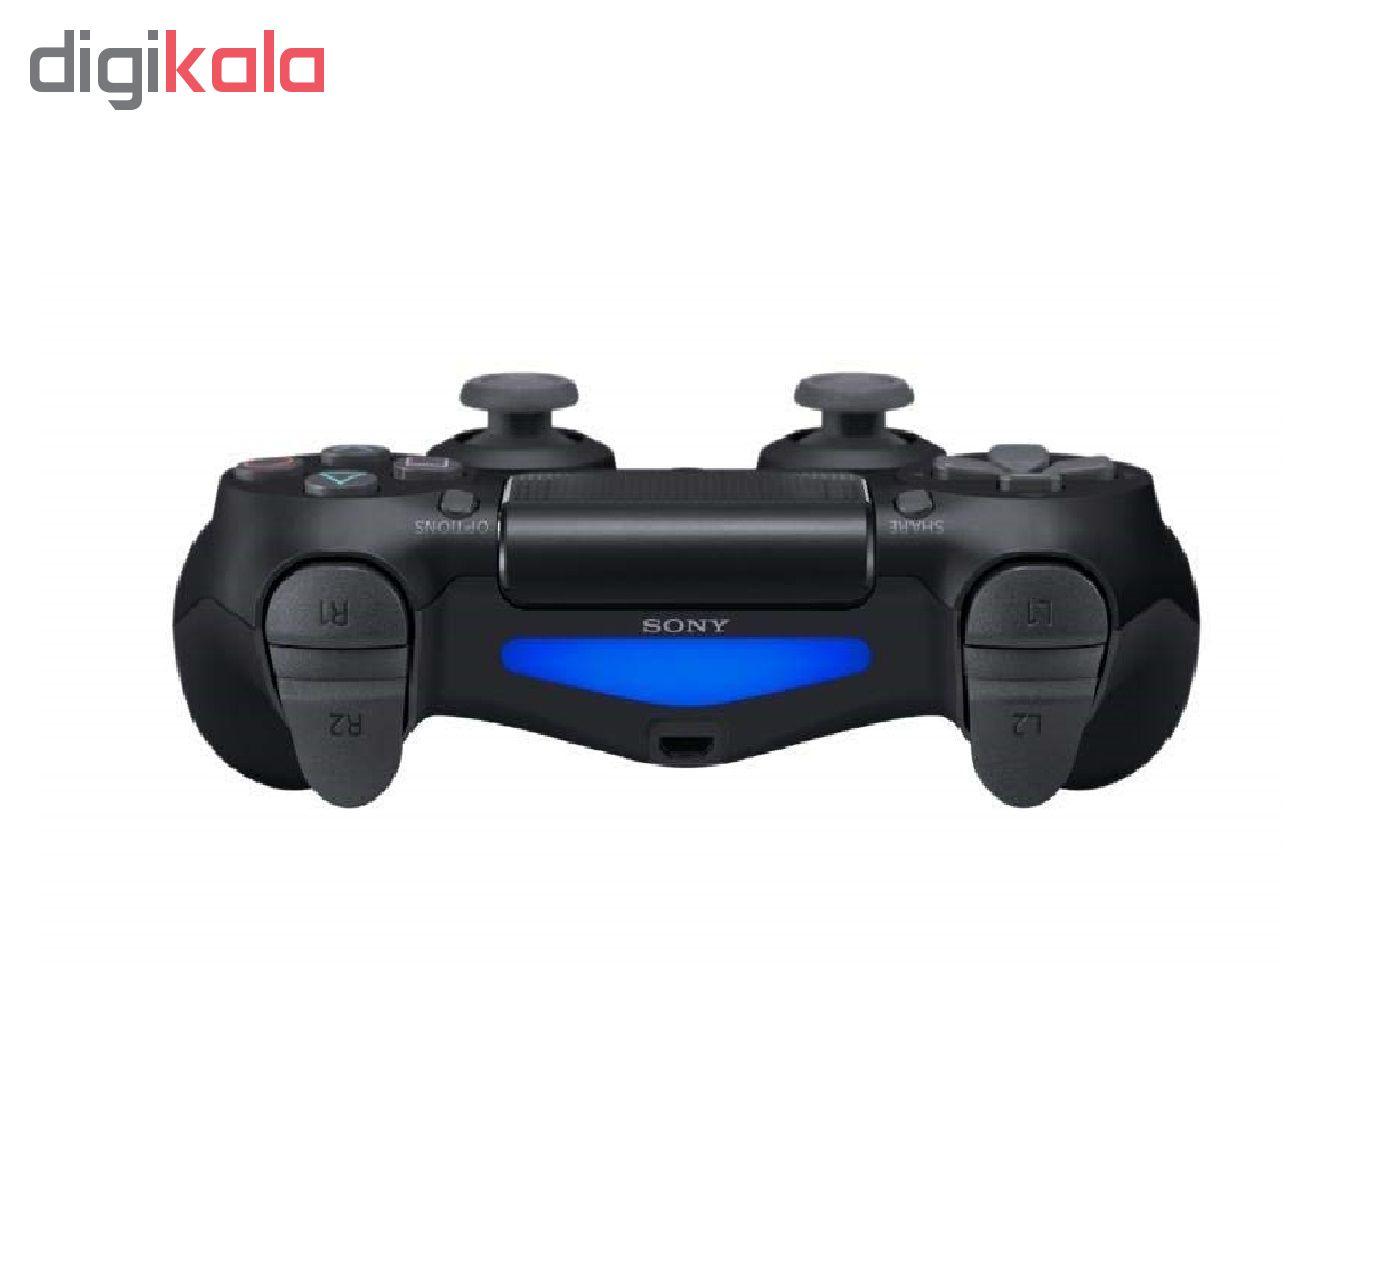 دسته پلي استيشن4 سوني مدل playstation dualshock 4